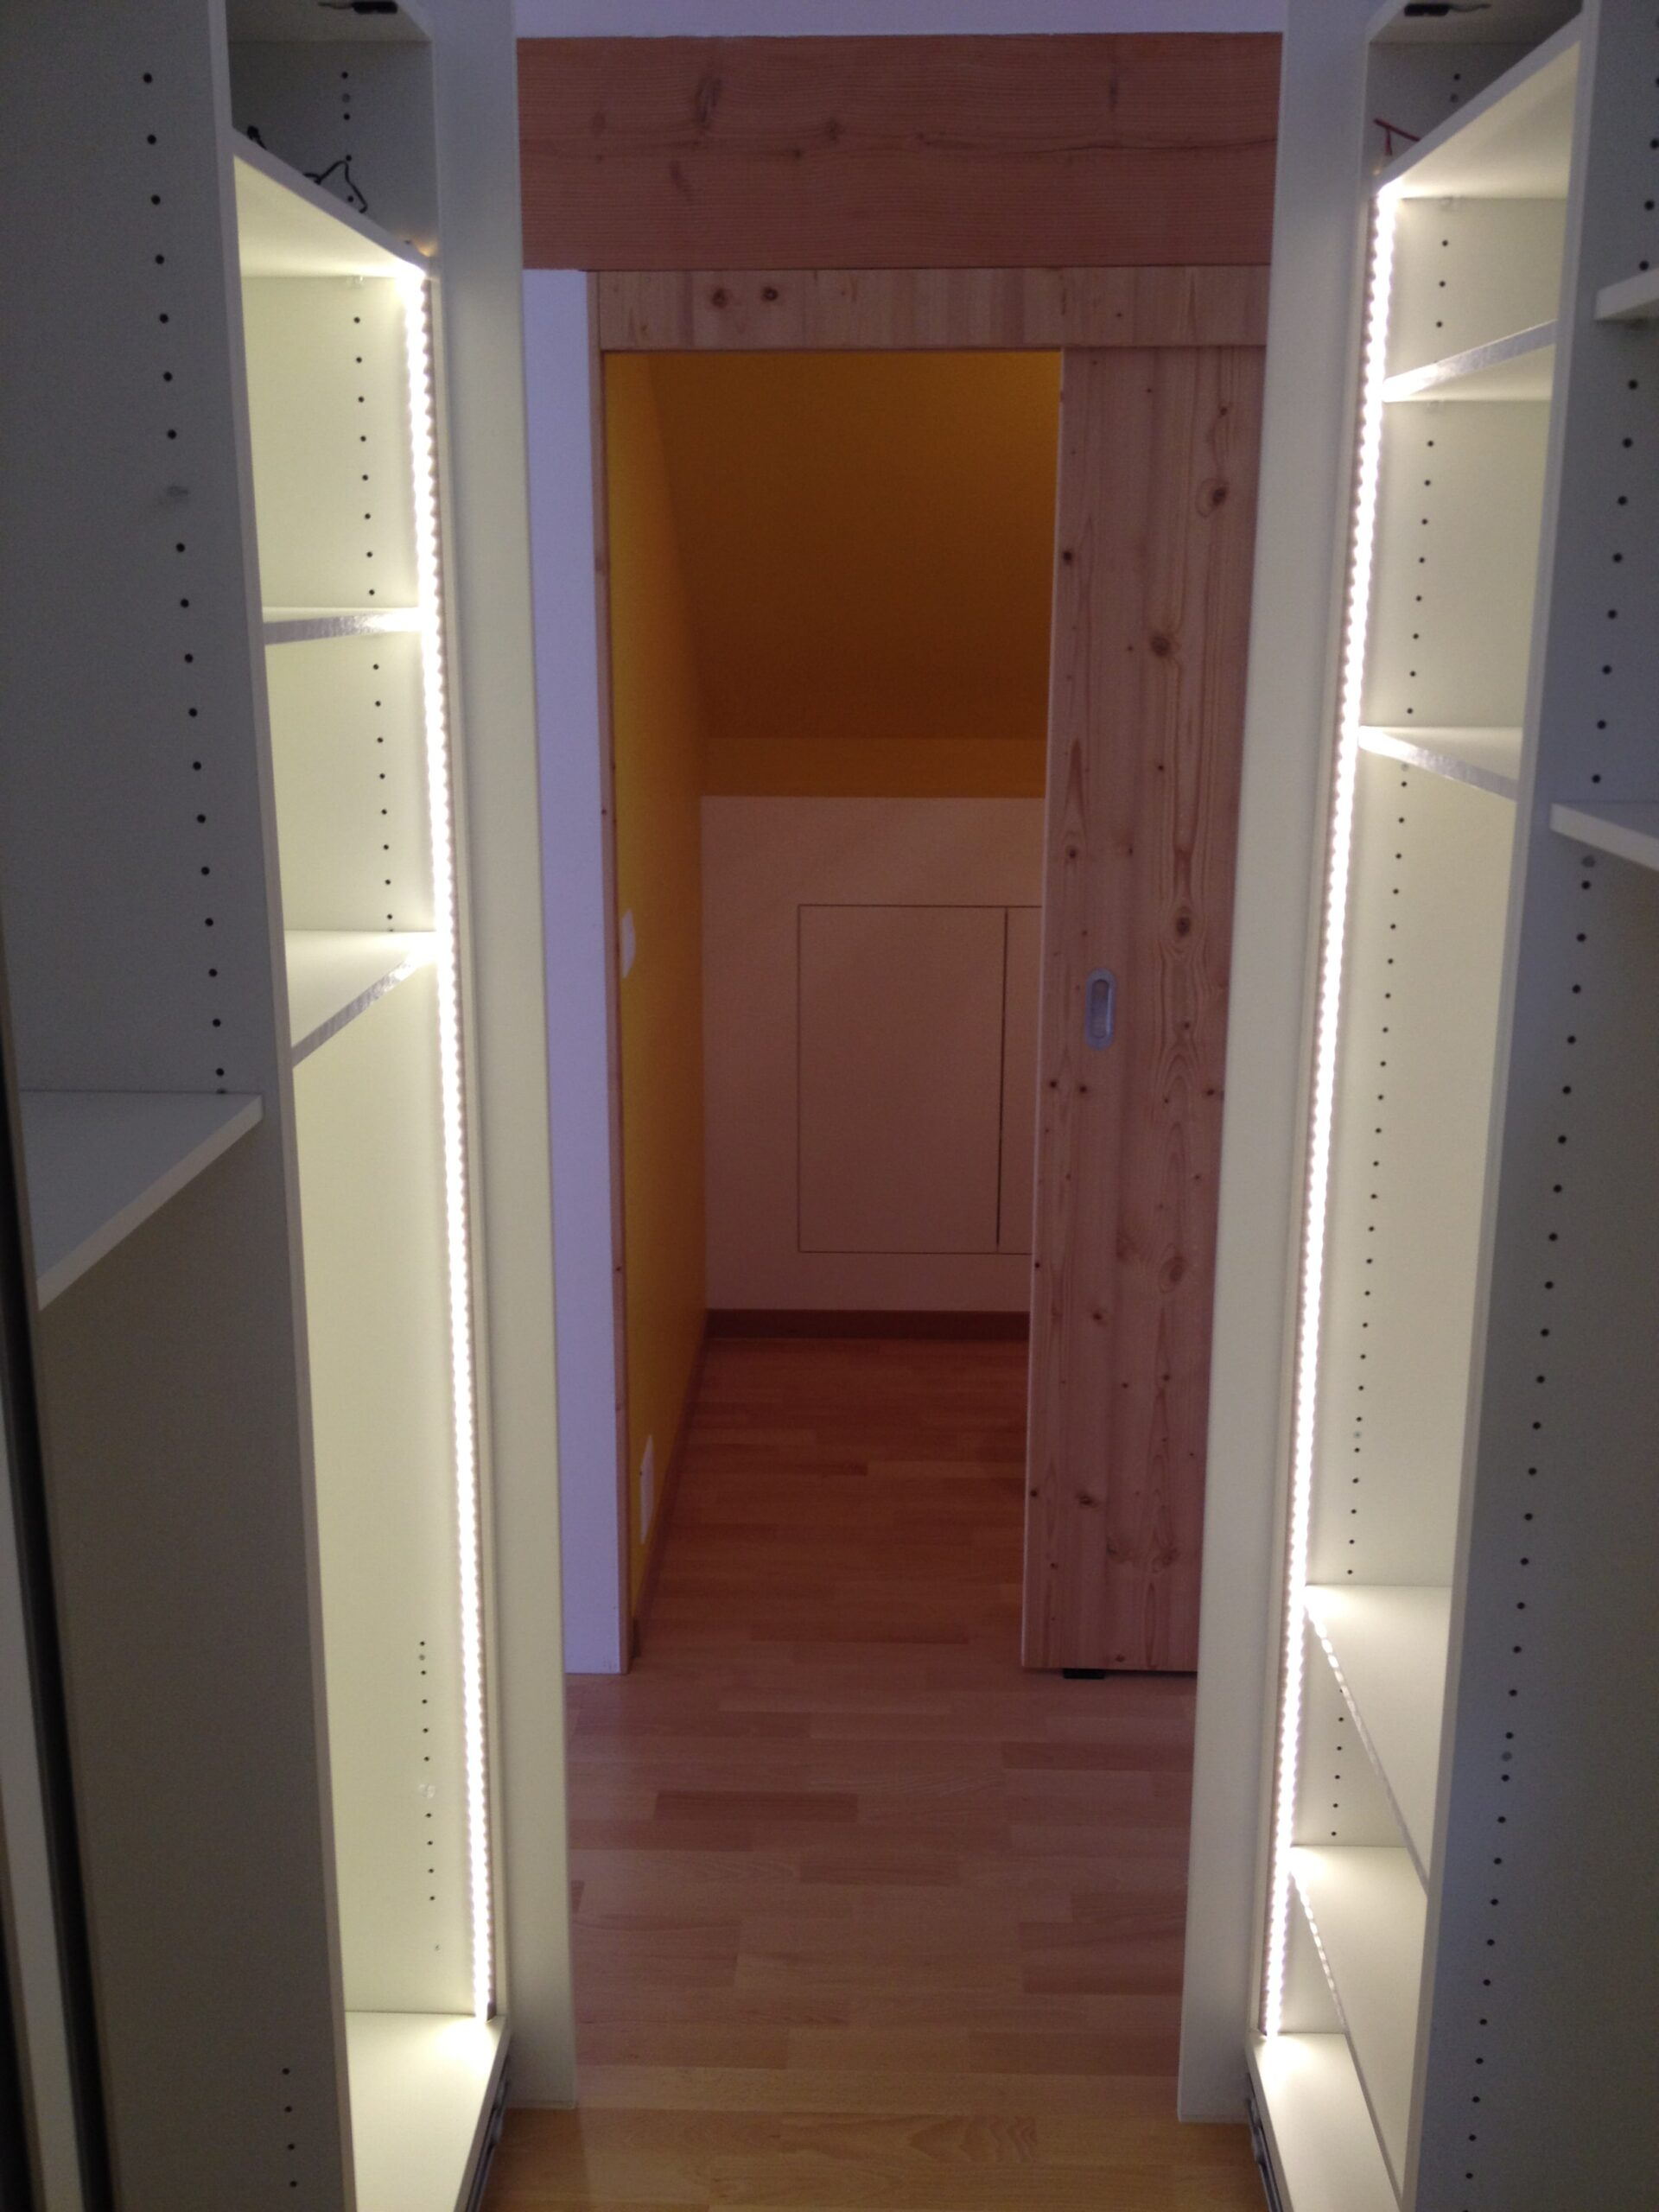 Wooddesign_Holzdesign_Plasselb_Loftwohnung_offennes Schlafzimmer und Bad_freistehende Badewanne_Parkett_ Ankleide_WC (5)-min